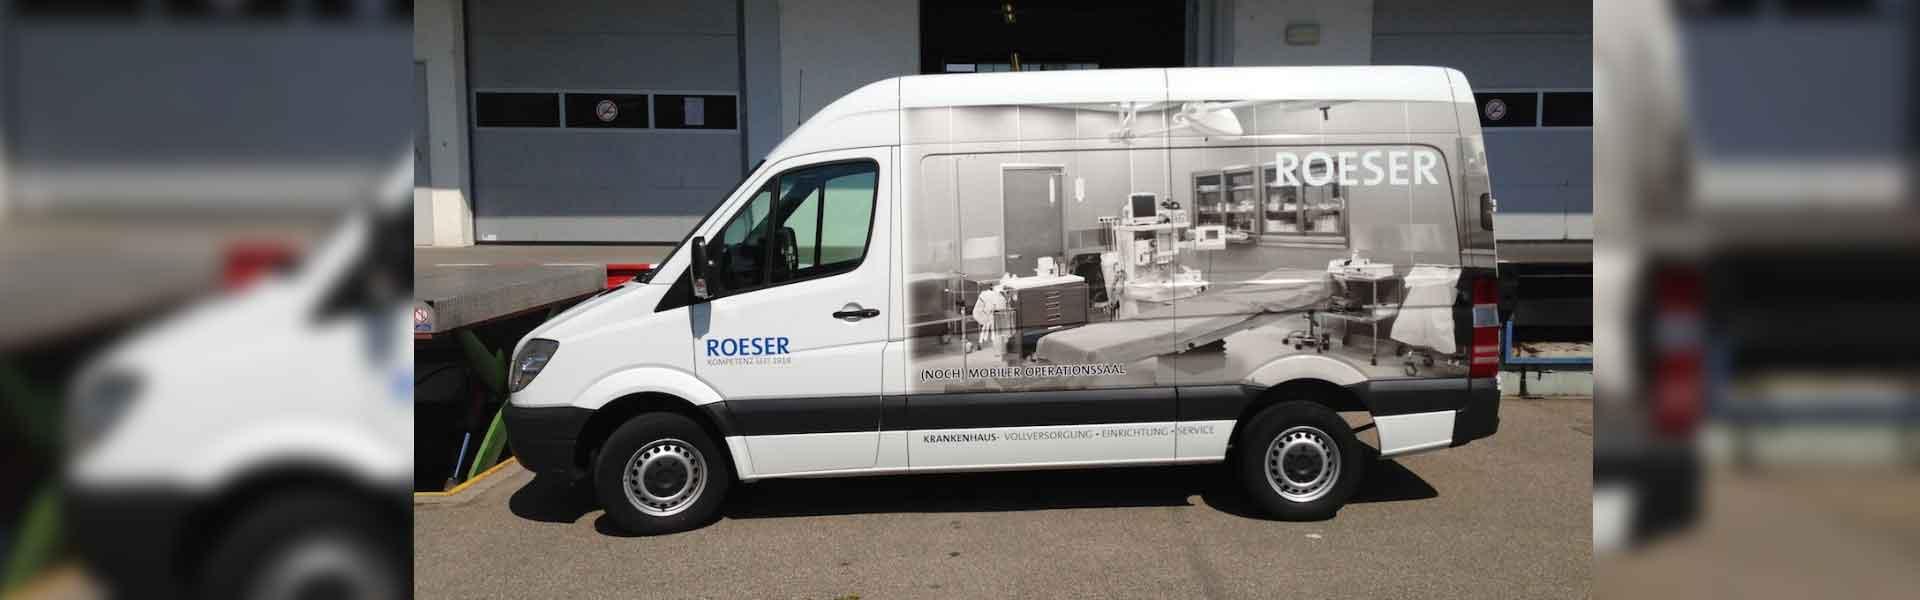 Foliendruck: Klebefolien bedrucken für Fahrzeugwerbung